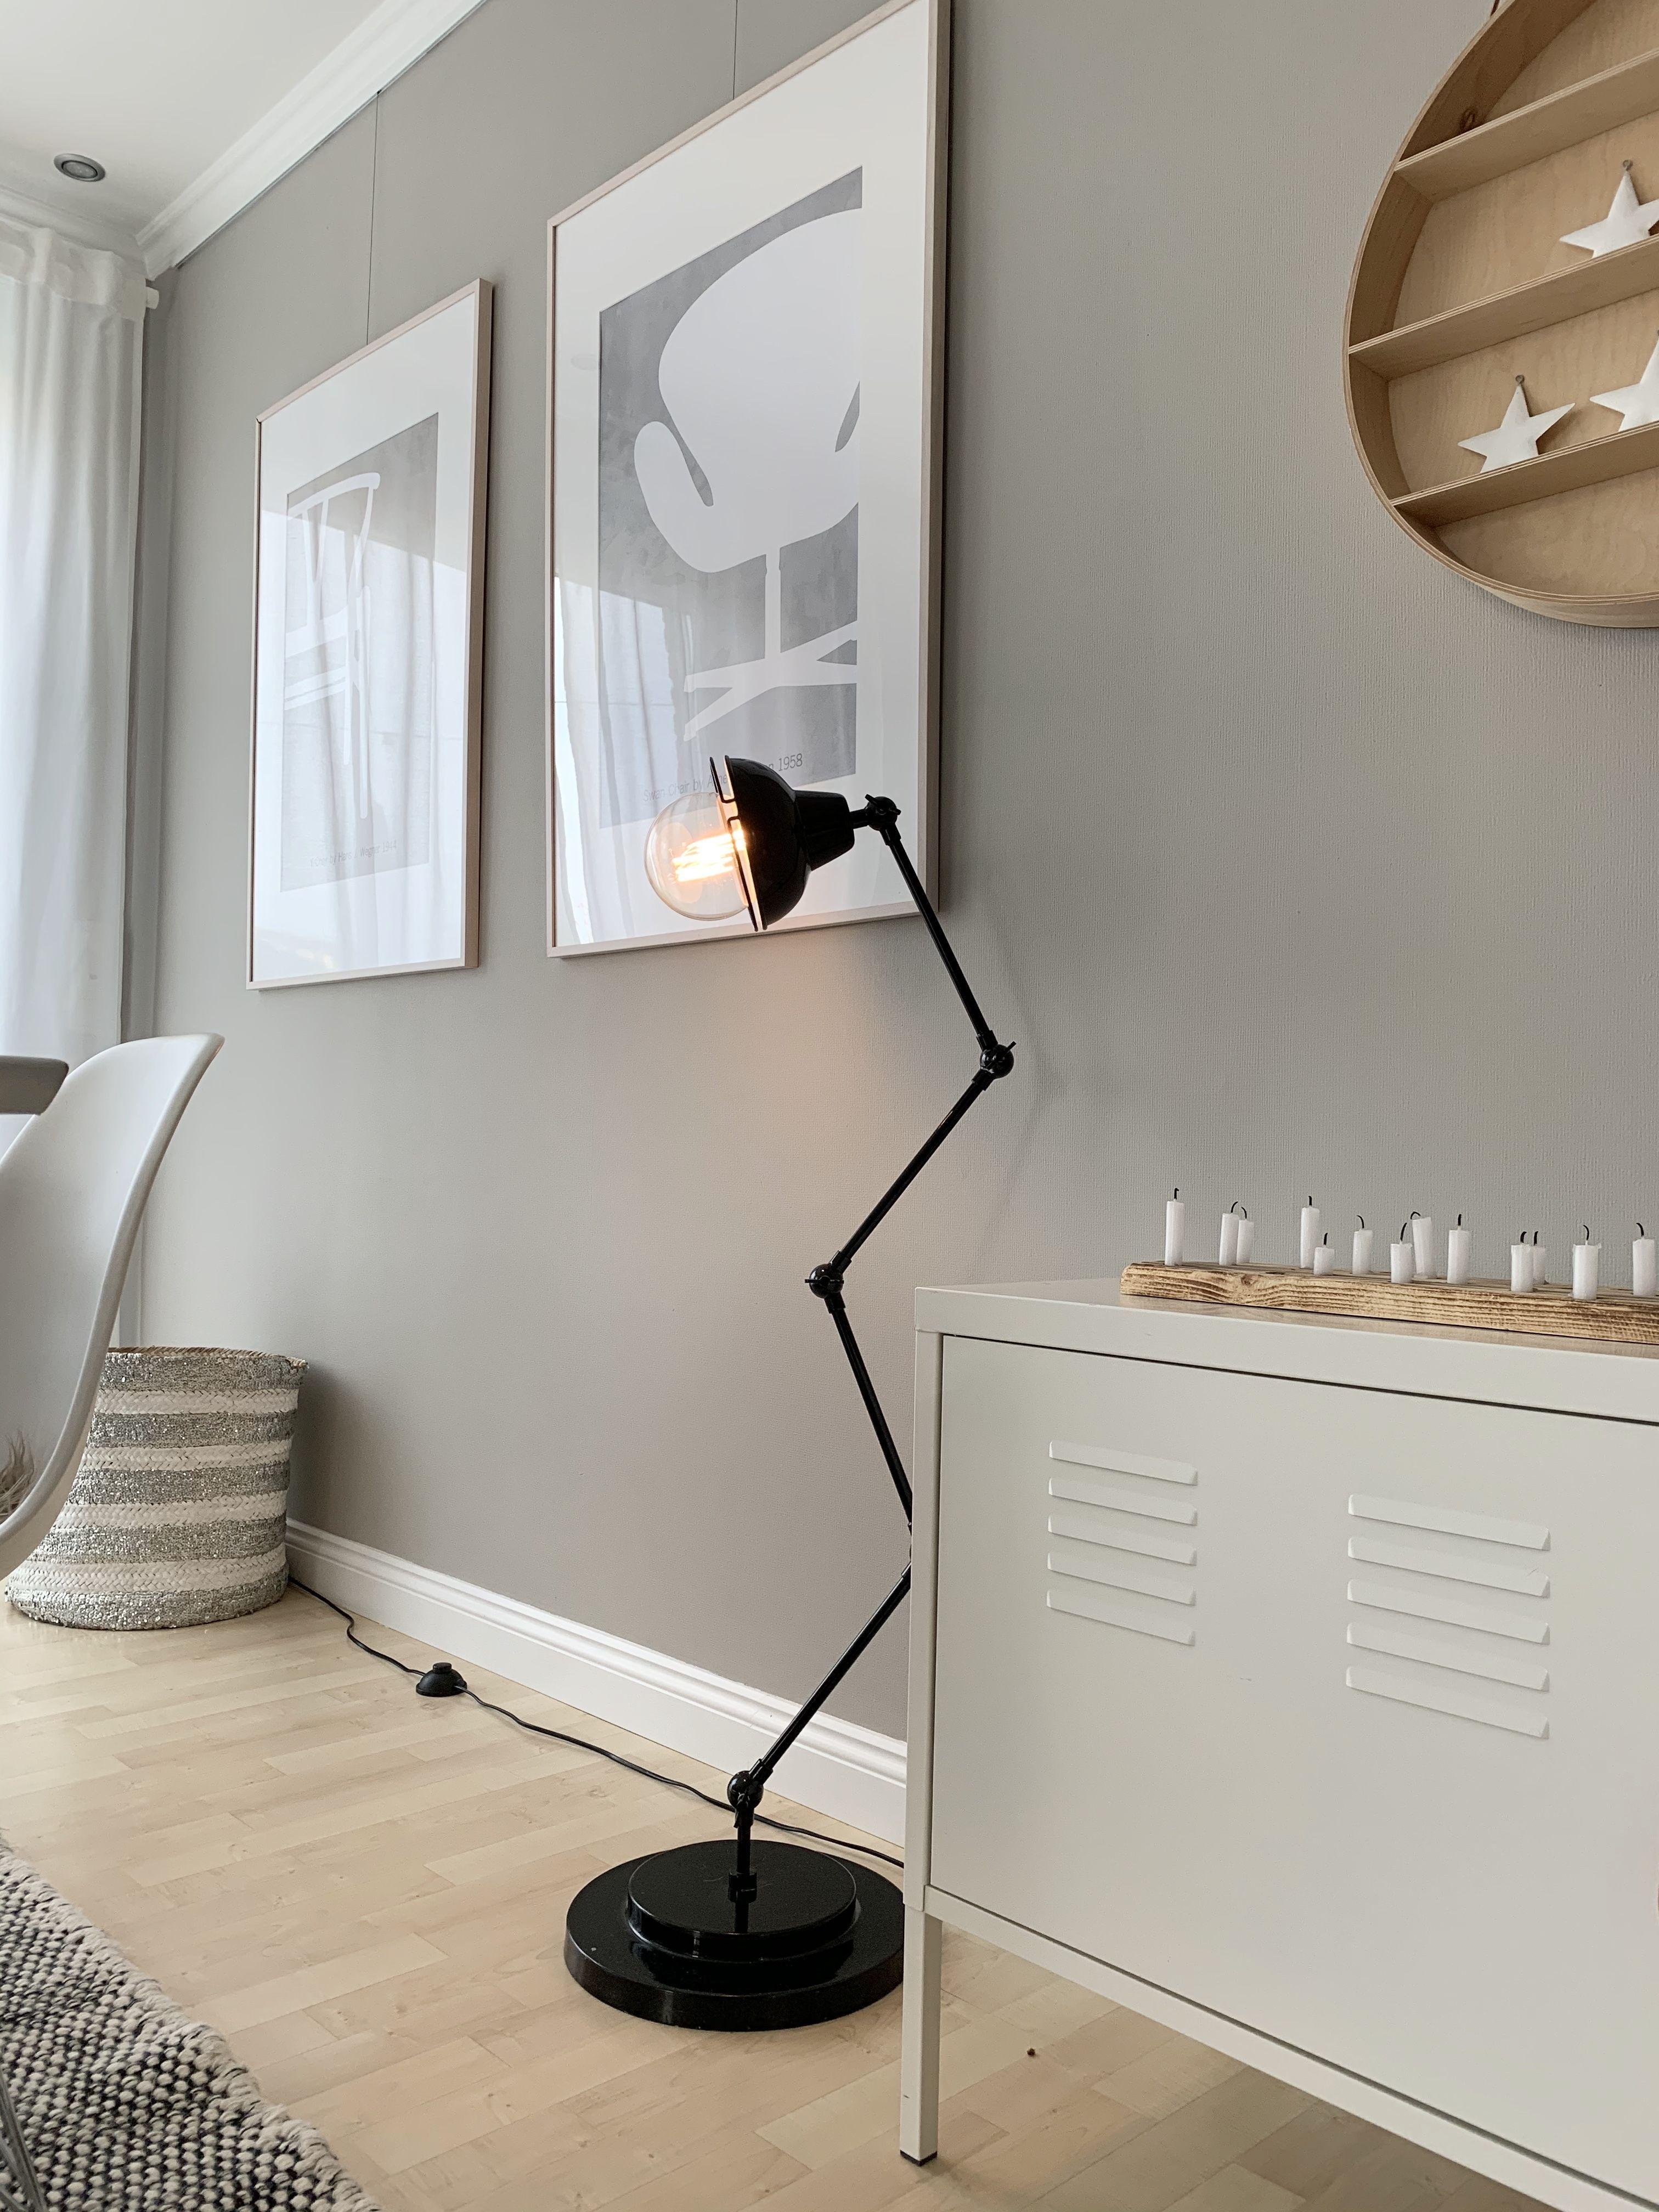 Wohn Und Esszimmer In Greige Kolorat In 2020 Wandfarbe Wohnzimmer Wohnzimmerfarbe Wandgestaltung Wohnzimmer Farbe